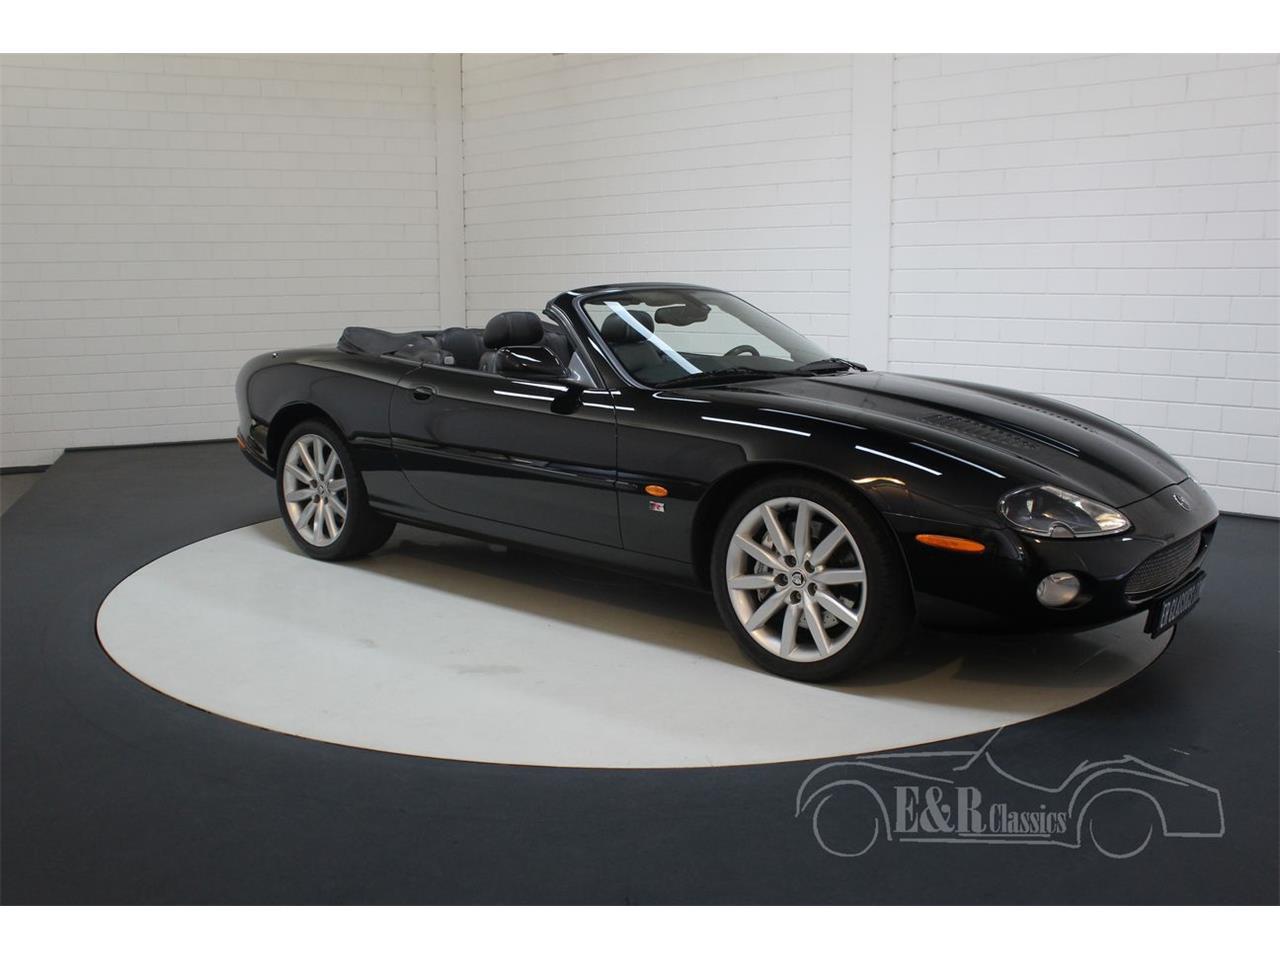 Large Picture of '03 Jaguar XKR - $39,200.00 - Q3GE